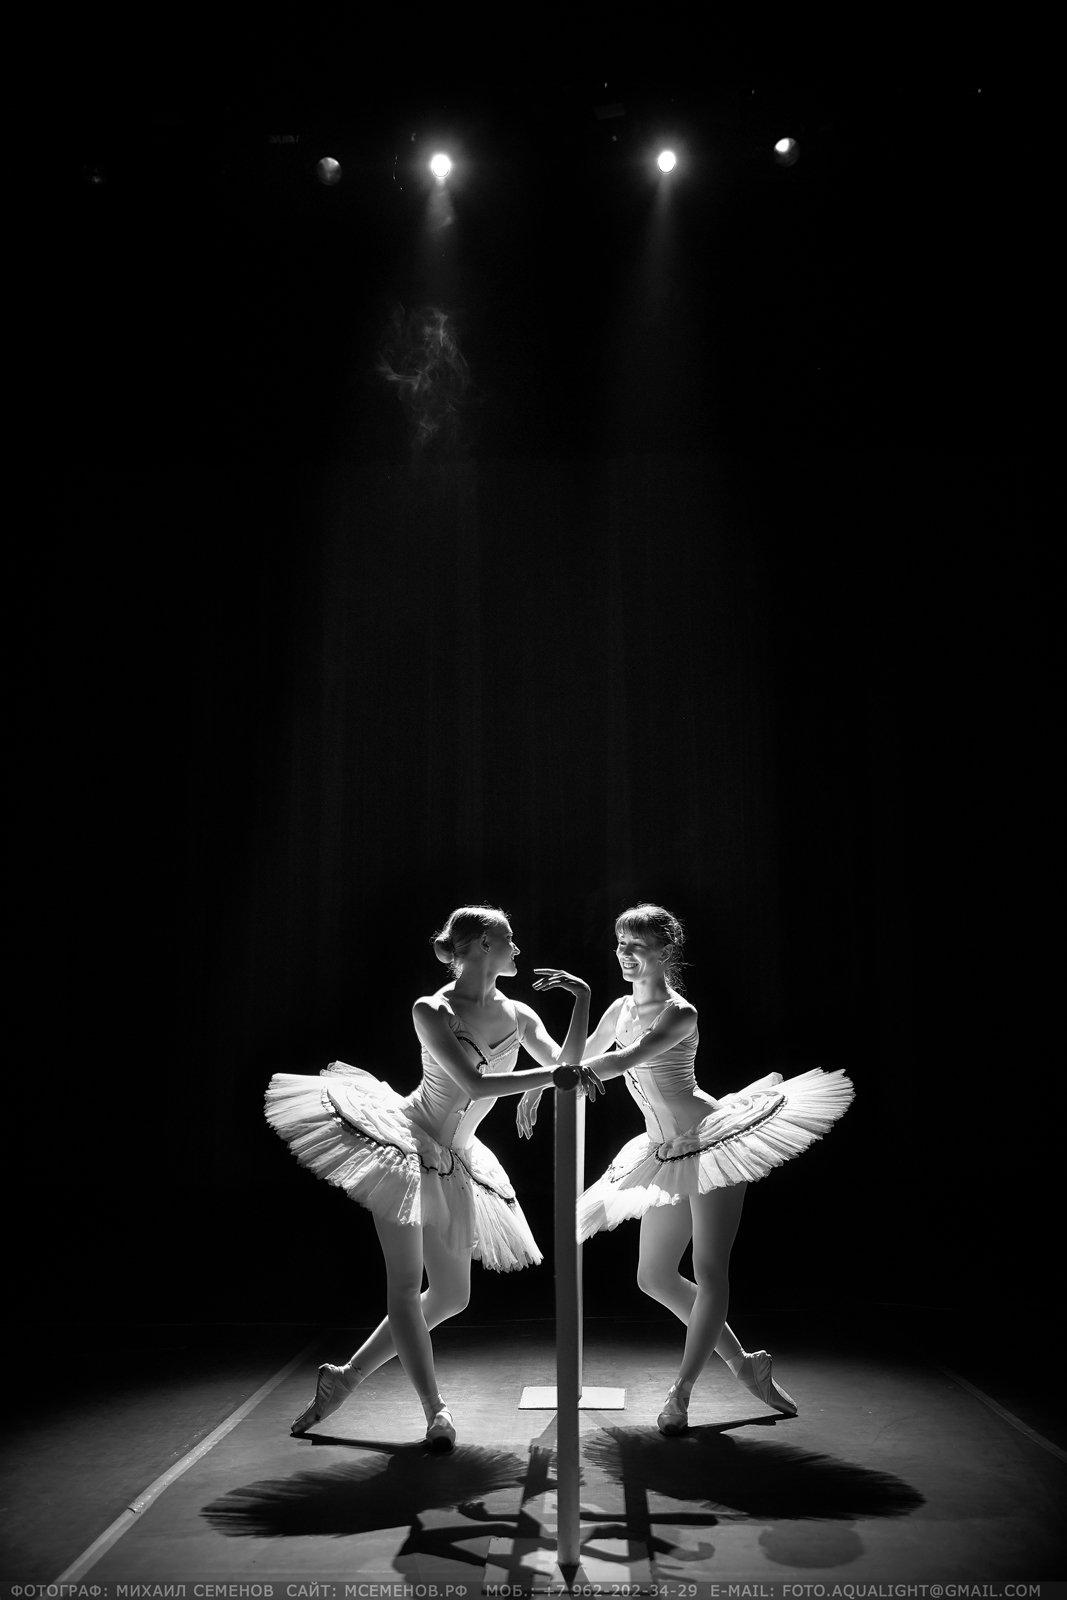 #михаилсеменов #фотографярославль #сертификат #подарок #балет #модель #красота #ballet, Михаил Семенов